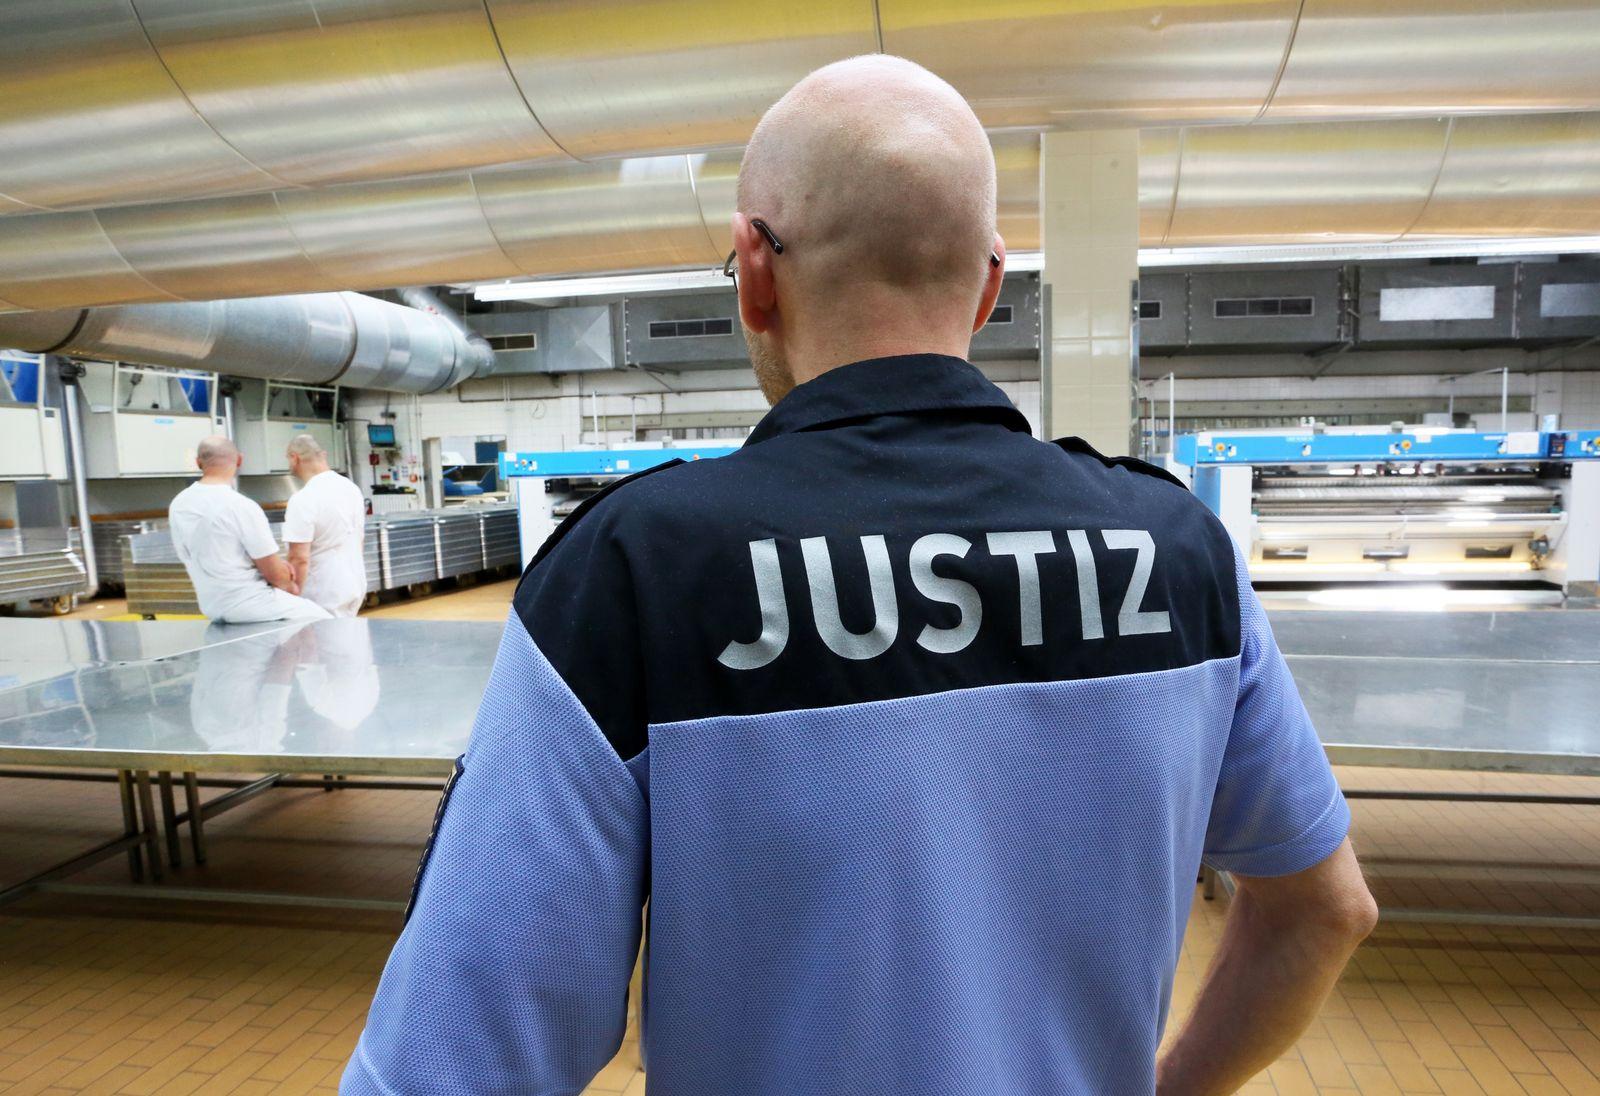 Arbeit / Gefängnis / Arbeit statt Strafe / Justizvollzug